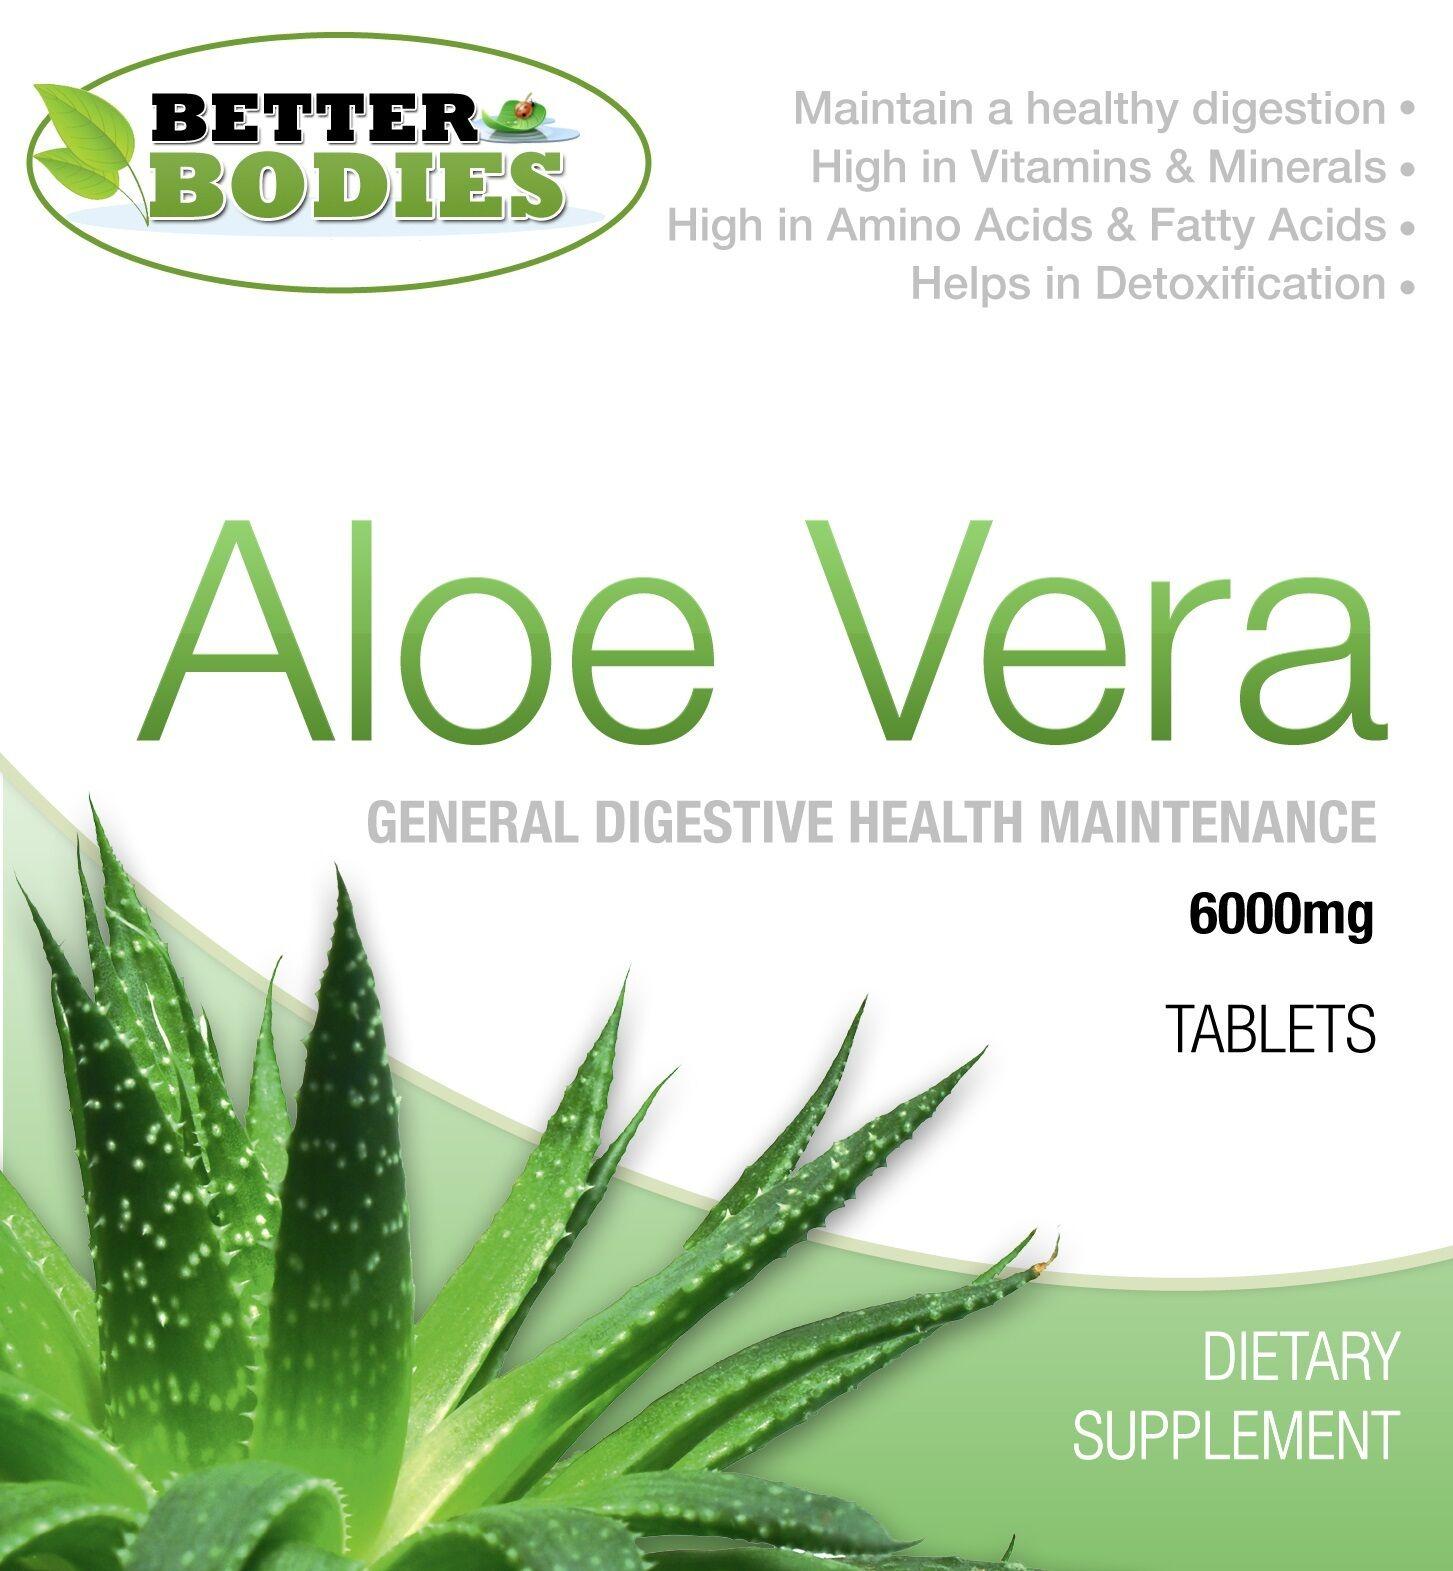 Die Einnahme von Aloe Vera dient zum Abnehmen